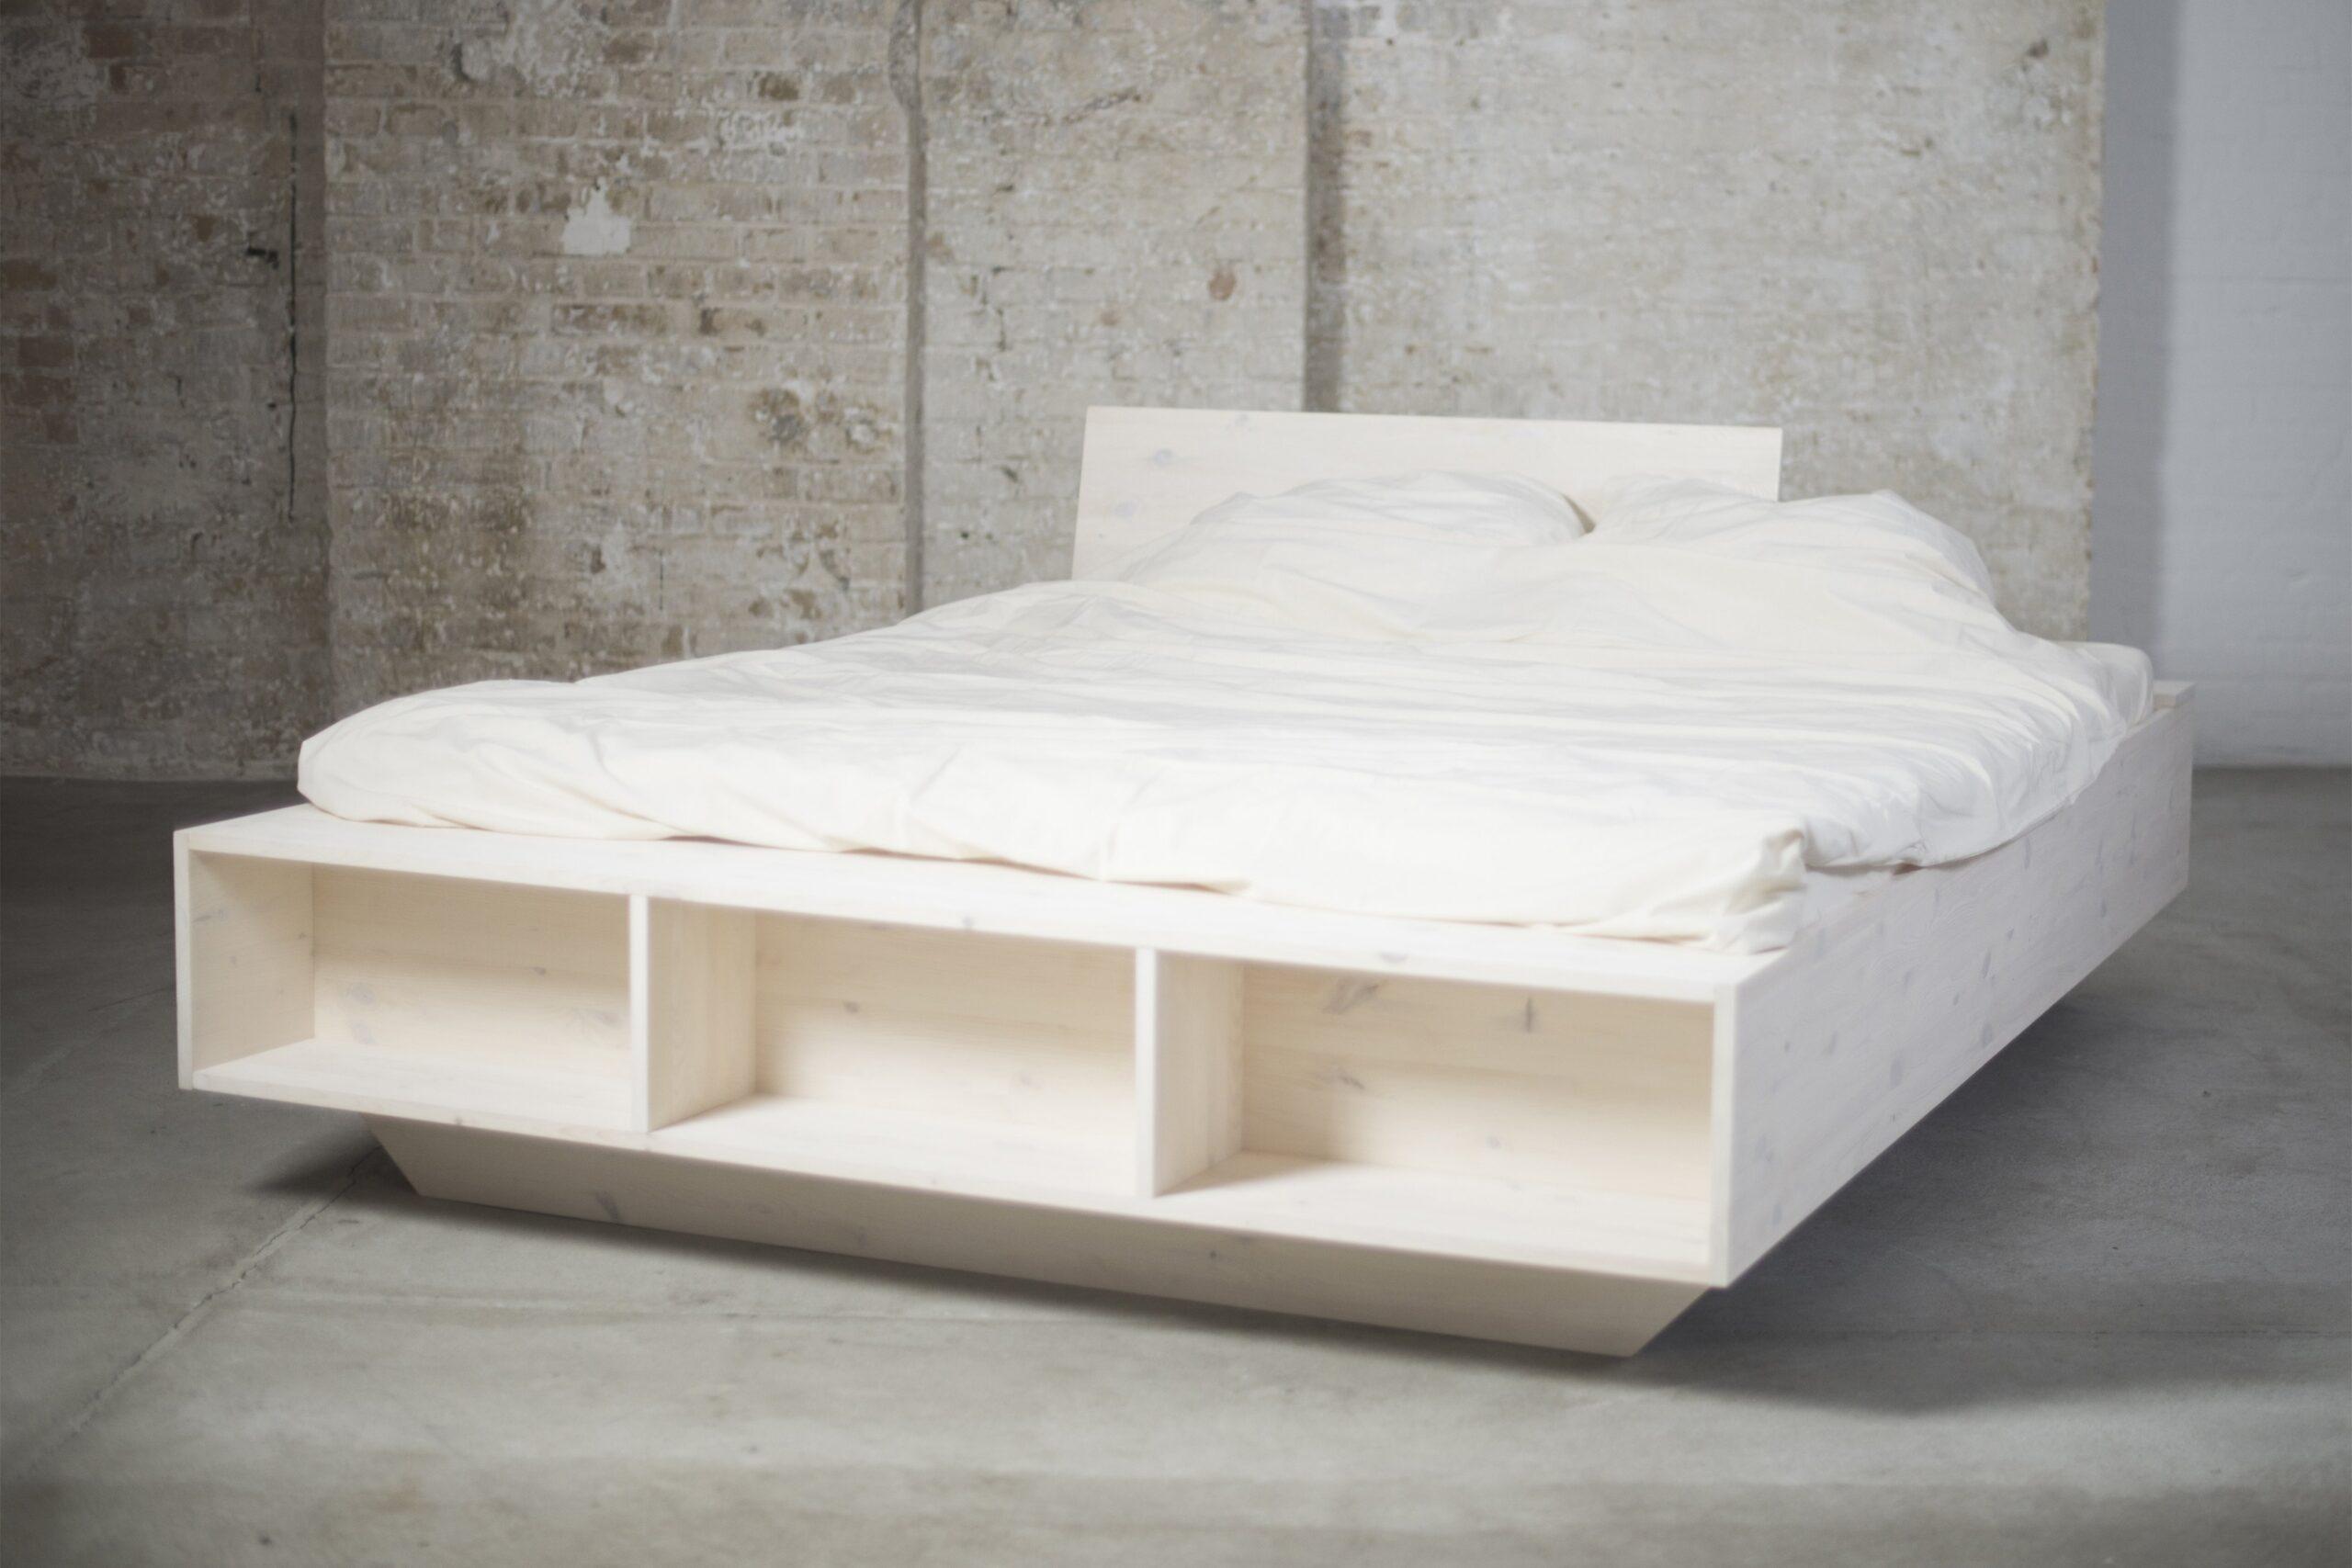 Full Size of Kopfteil Bett Regal Ikea Mit Am 180 Bauen Malm Design Aus Massivholz Stil Und Stauraum Massiv 180x200 Schmales Küche Betten 160x200 Für übergewichtige Wohnzimmer Kopfteil Bett Regal